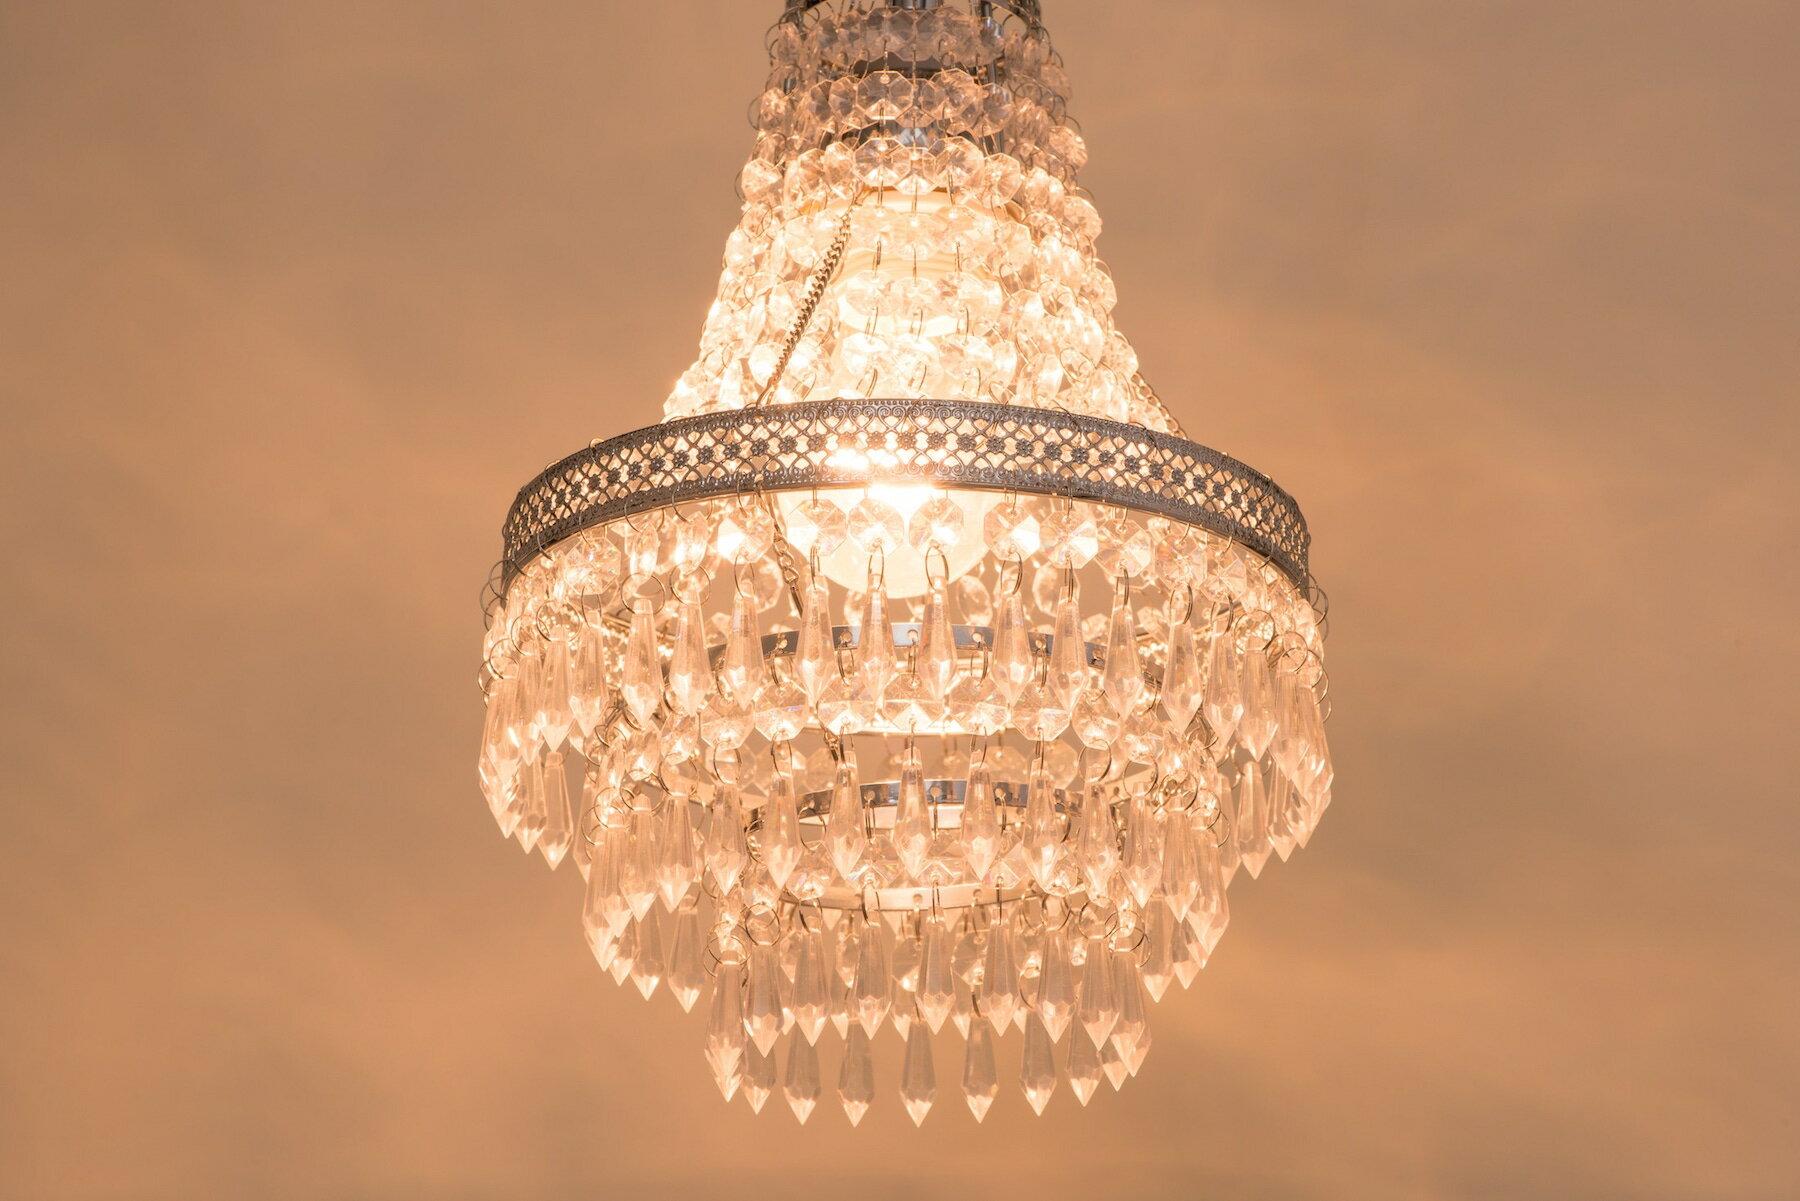 鍍鉻色華麗透明壓克力珠吊燈-BNL00022 6